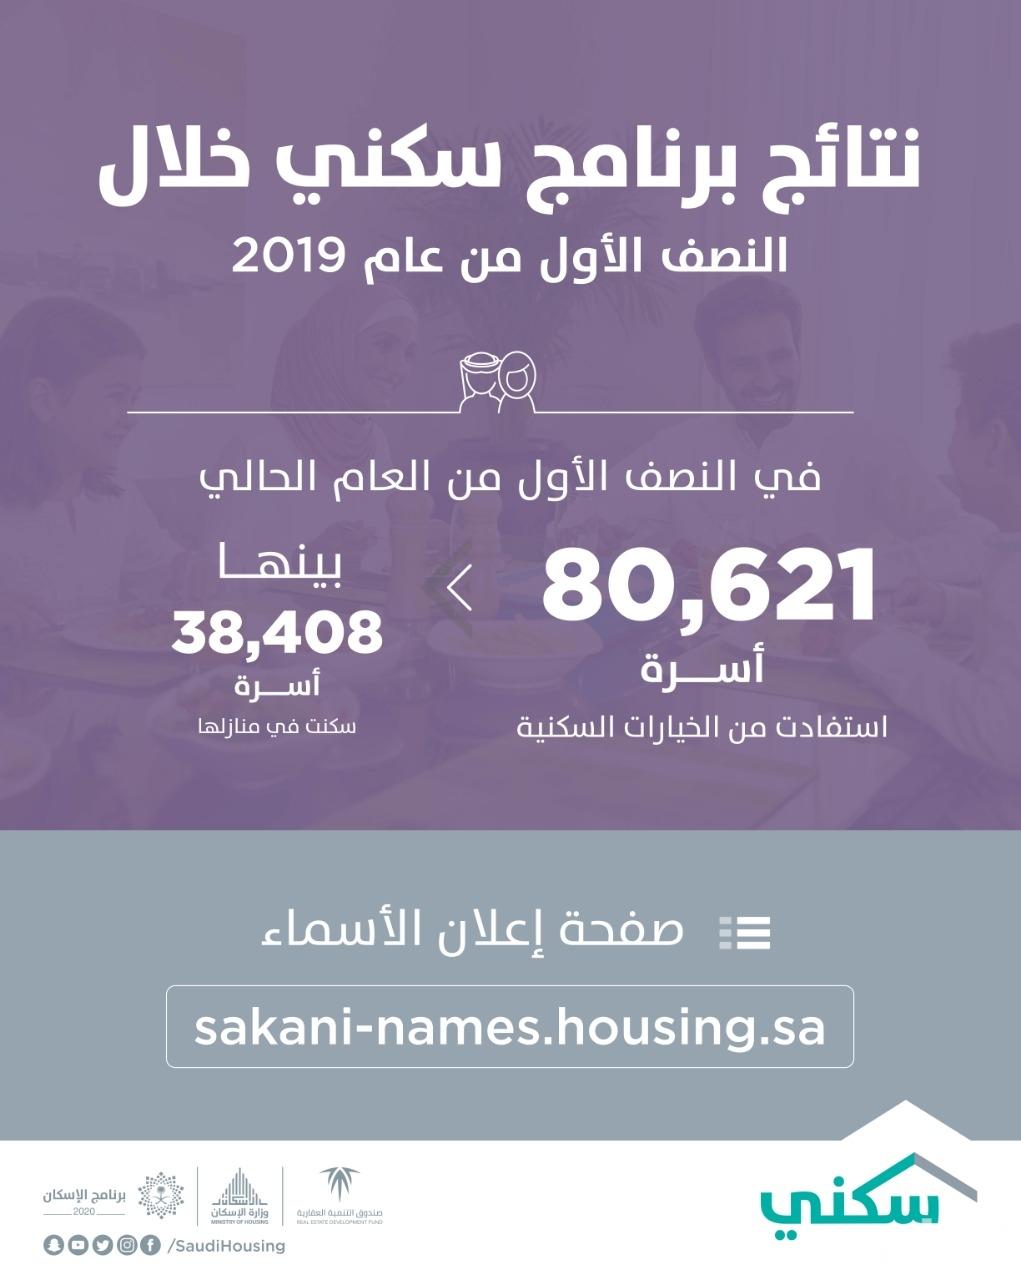 """أكثر من 80 ألف أسرة استفادت من خيارات """"سكني"""" في النصف الأول من 2019"""